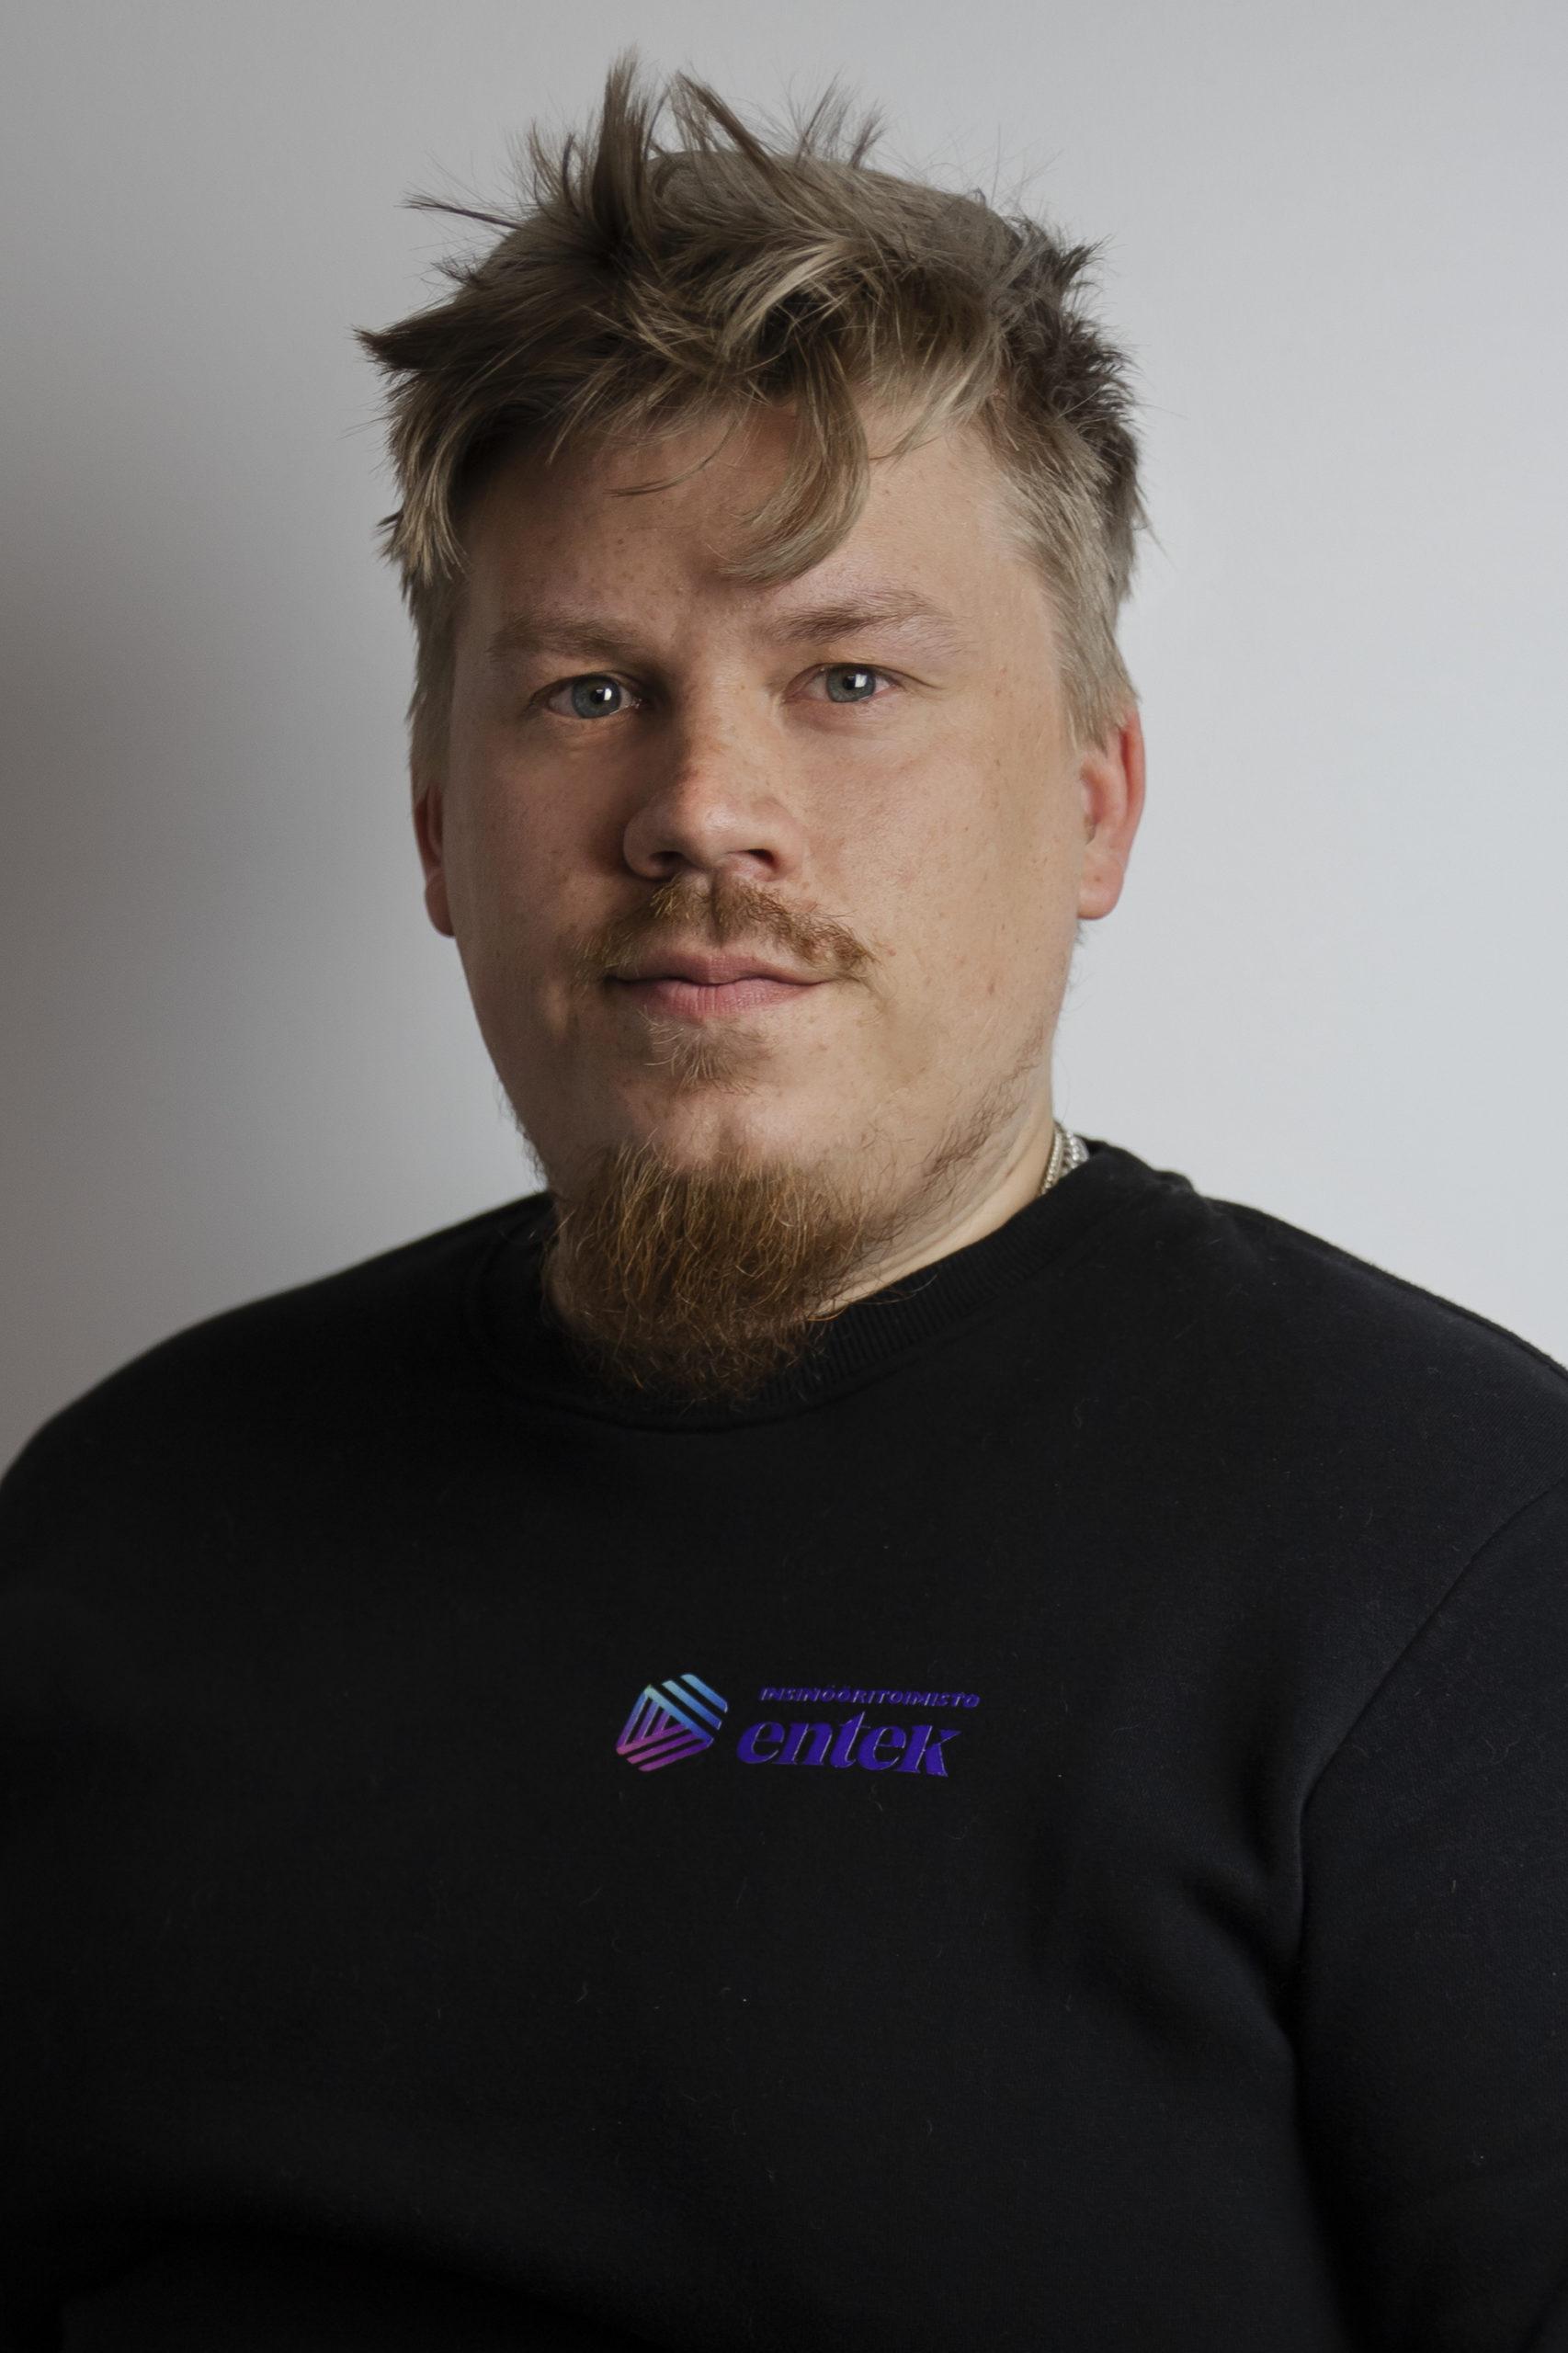 Tommi Hyvärinen, Kuopio